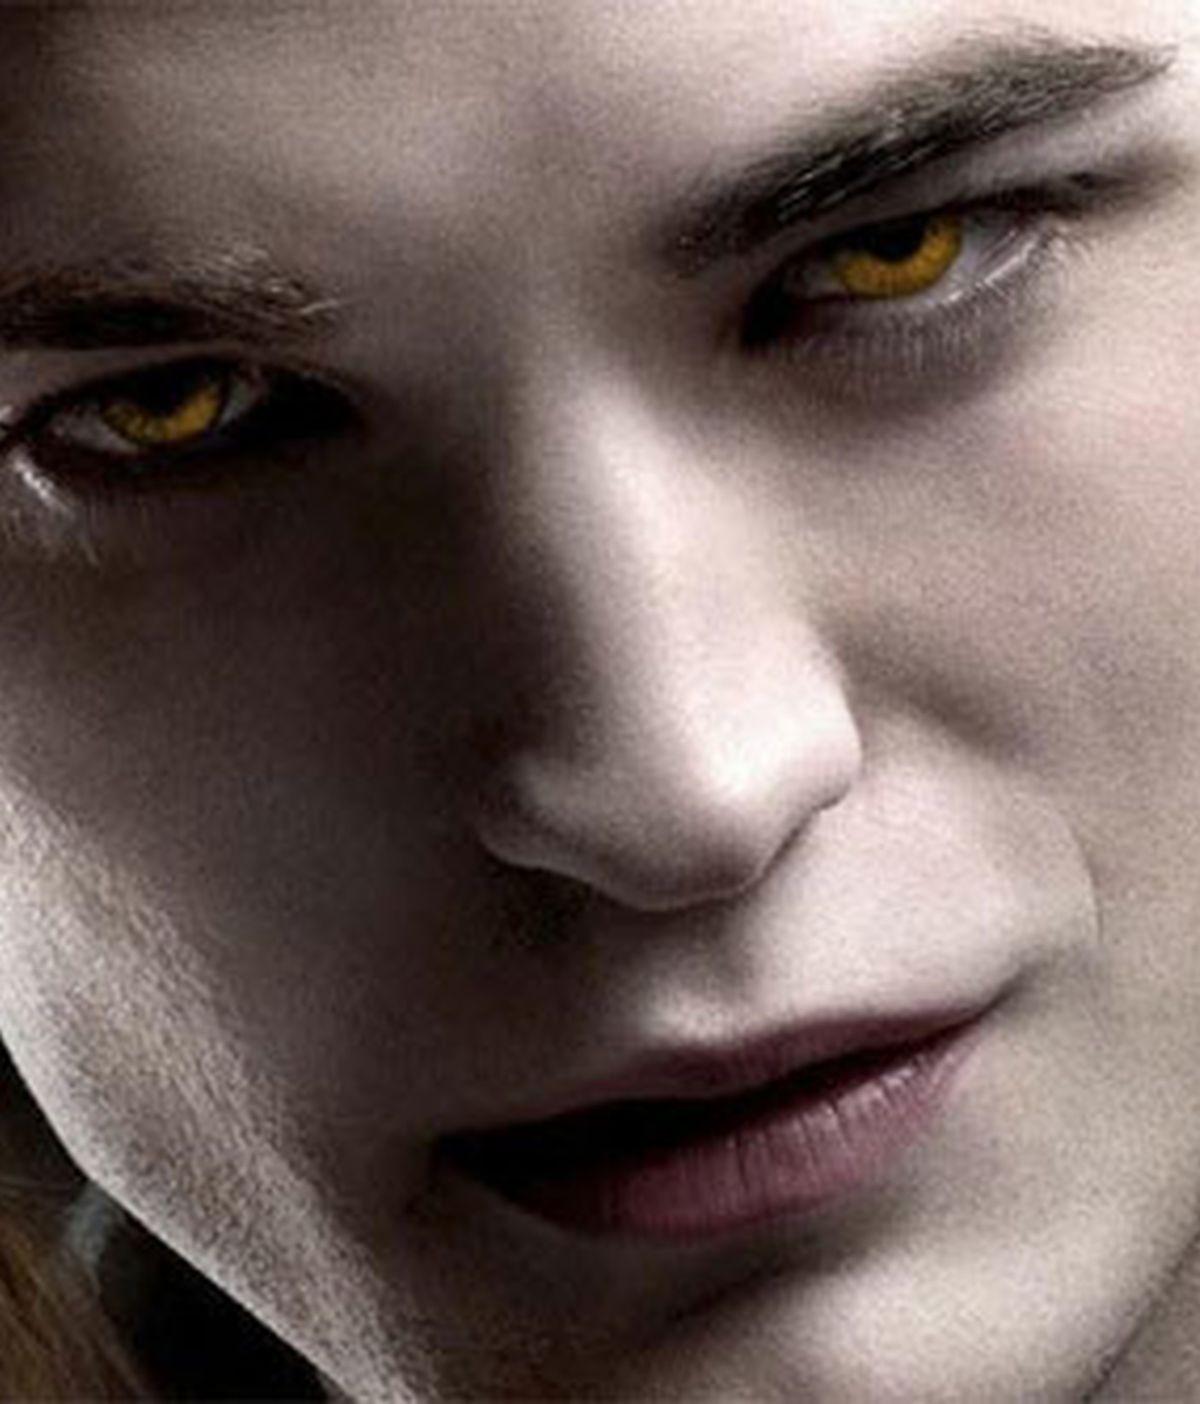 Una de las imágenes de la película en la que aparece Edwuard Cullen. Foto: Archivo.